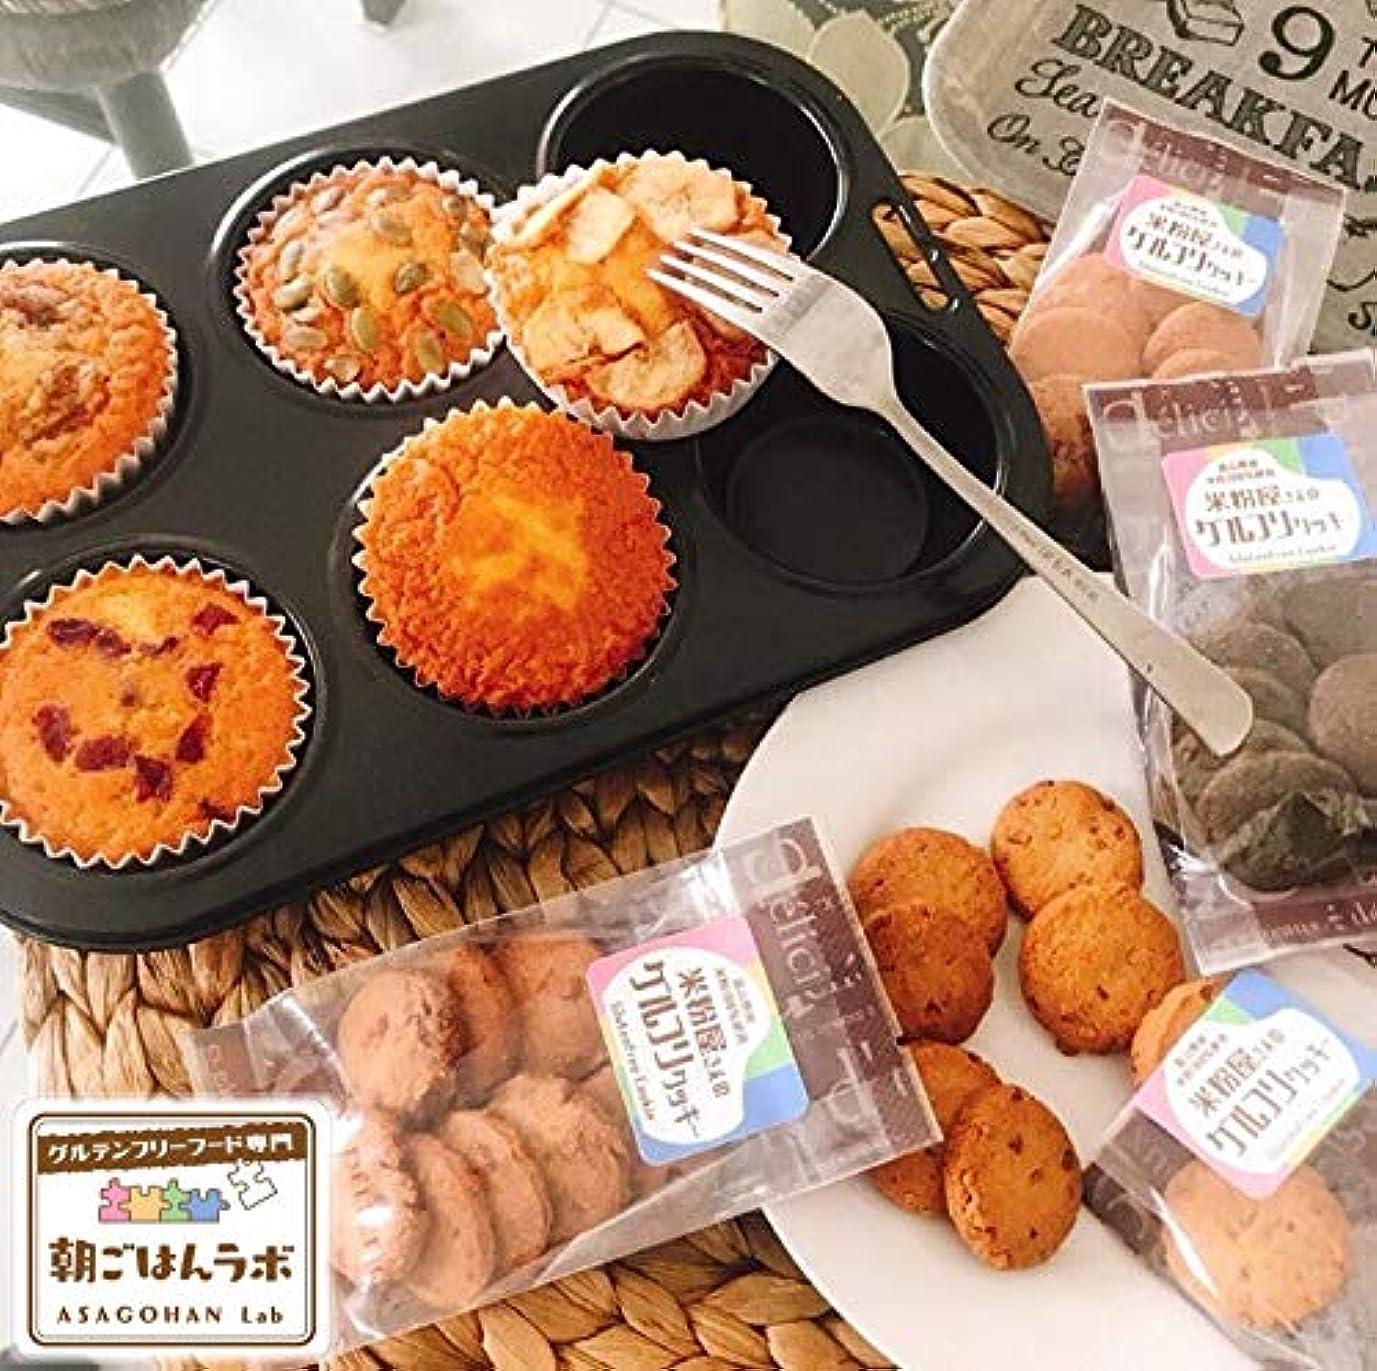 炭素アーティキュレーションステーキ米粉屋さんのグルフリクッキー小袋 4袋&グルフリベイク5個 グルテンフリー 朝ごはんラボ